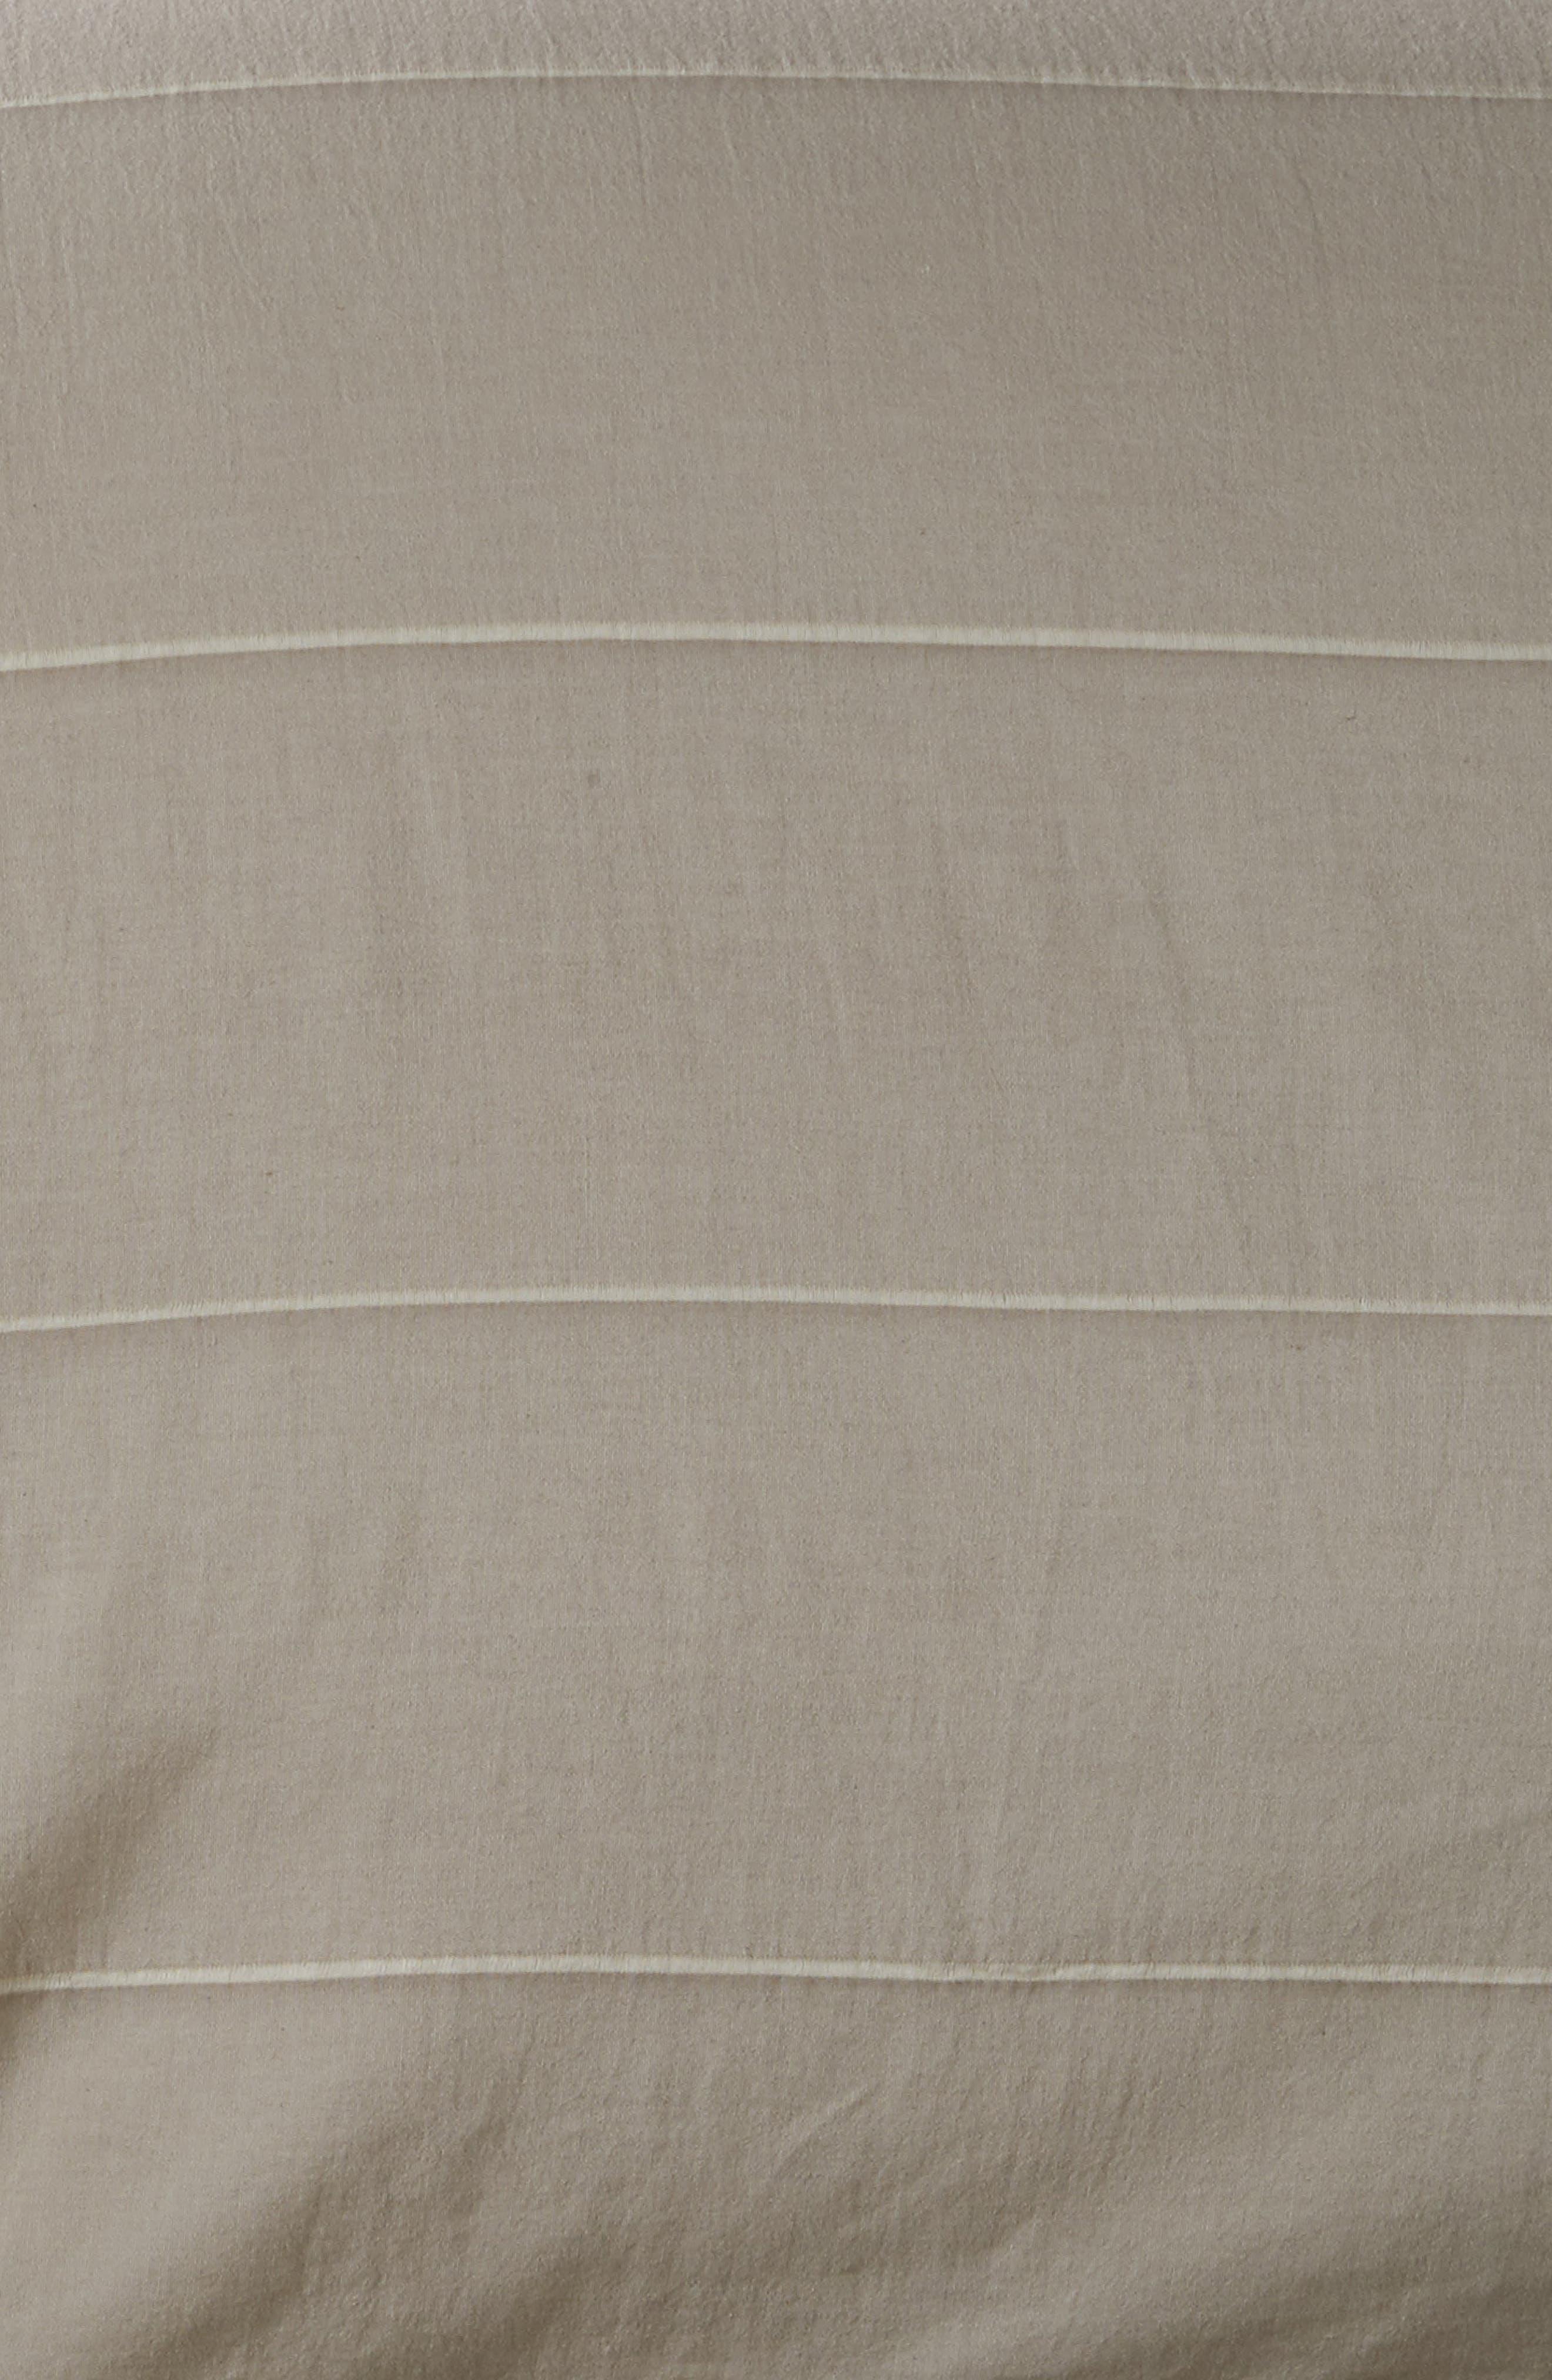 Textured Stripe Duvet Cover,                             Alternate thumbnail 2, color,                             GREY OWL